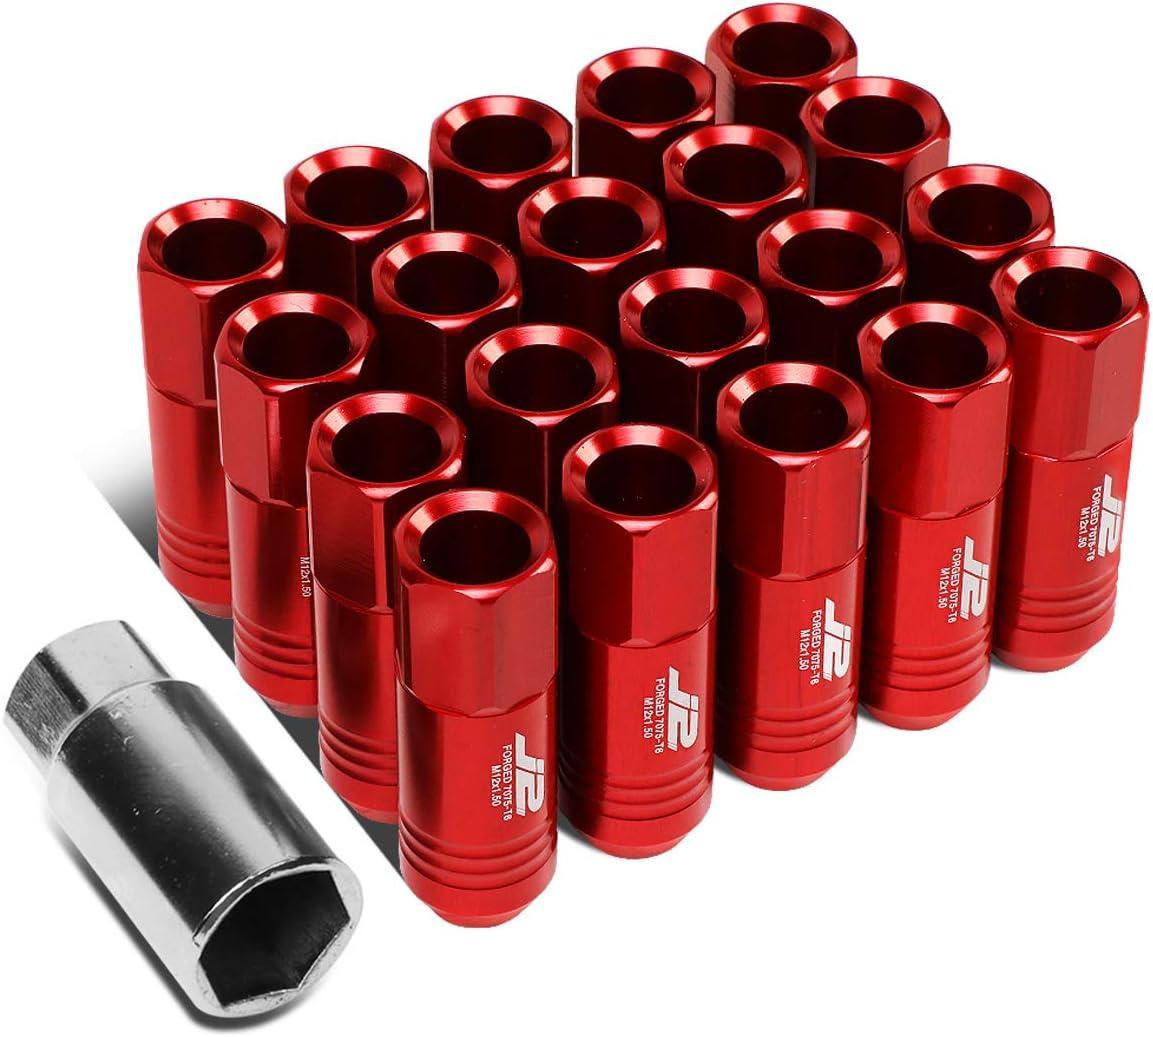 J2 Engineering LN-T7-009-15-BK Black 7075 Aluminum M12X1.5 20Pcs L 60mm Open End Lug Nut w//Socket Adapter